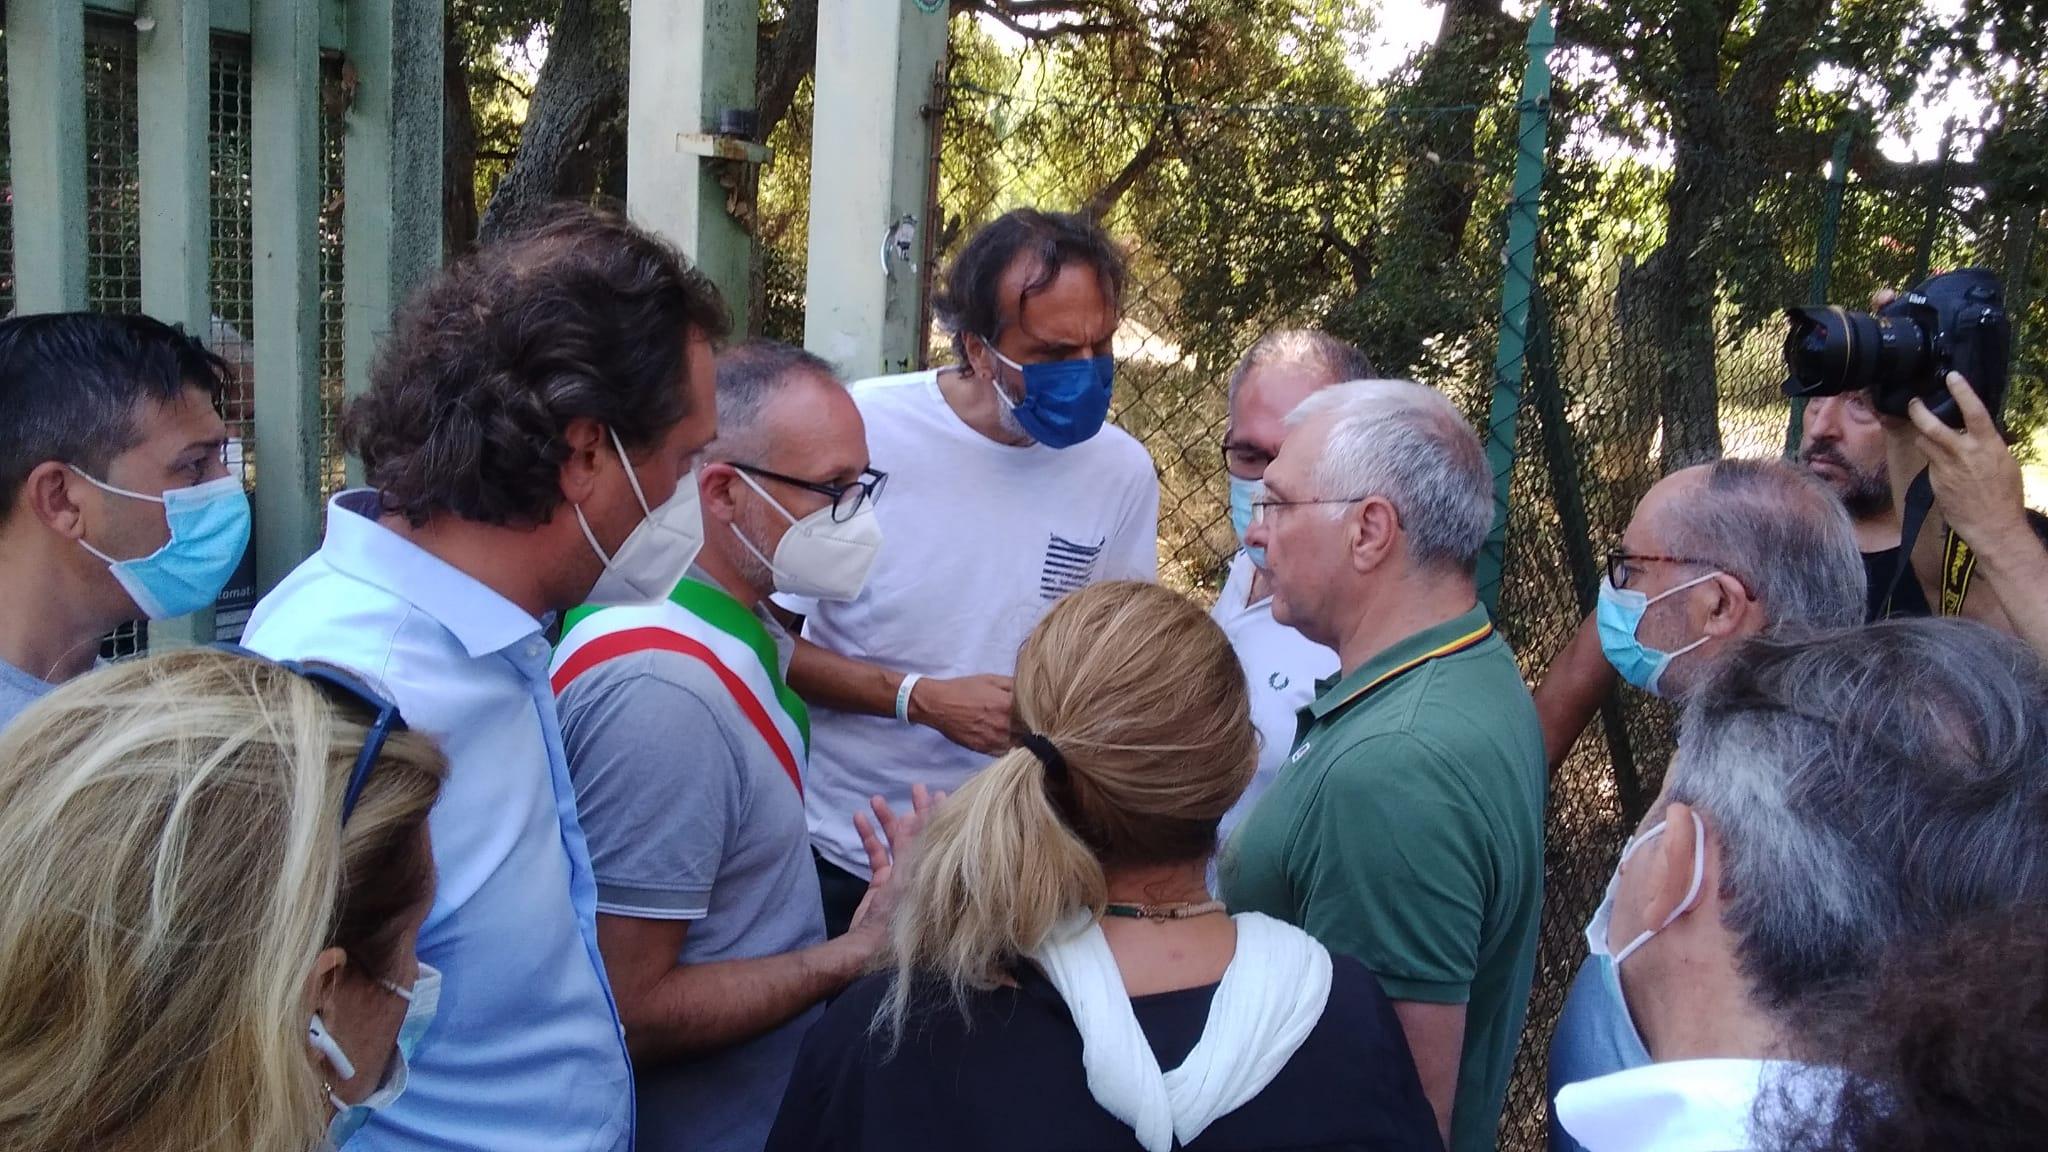 Cecchina, Continuano serrate  le proteste a roncigliano: il sindaco richiede un sopralluogo della discarica